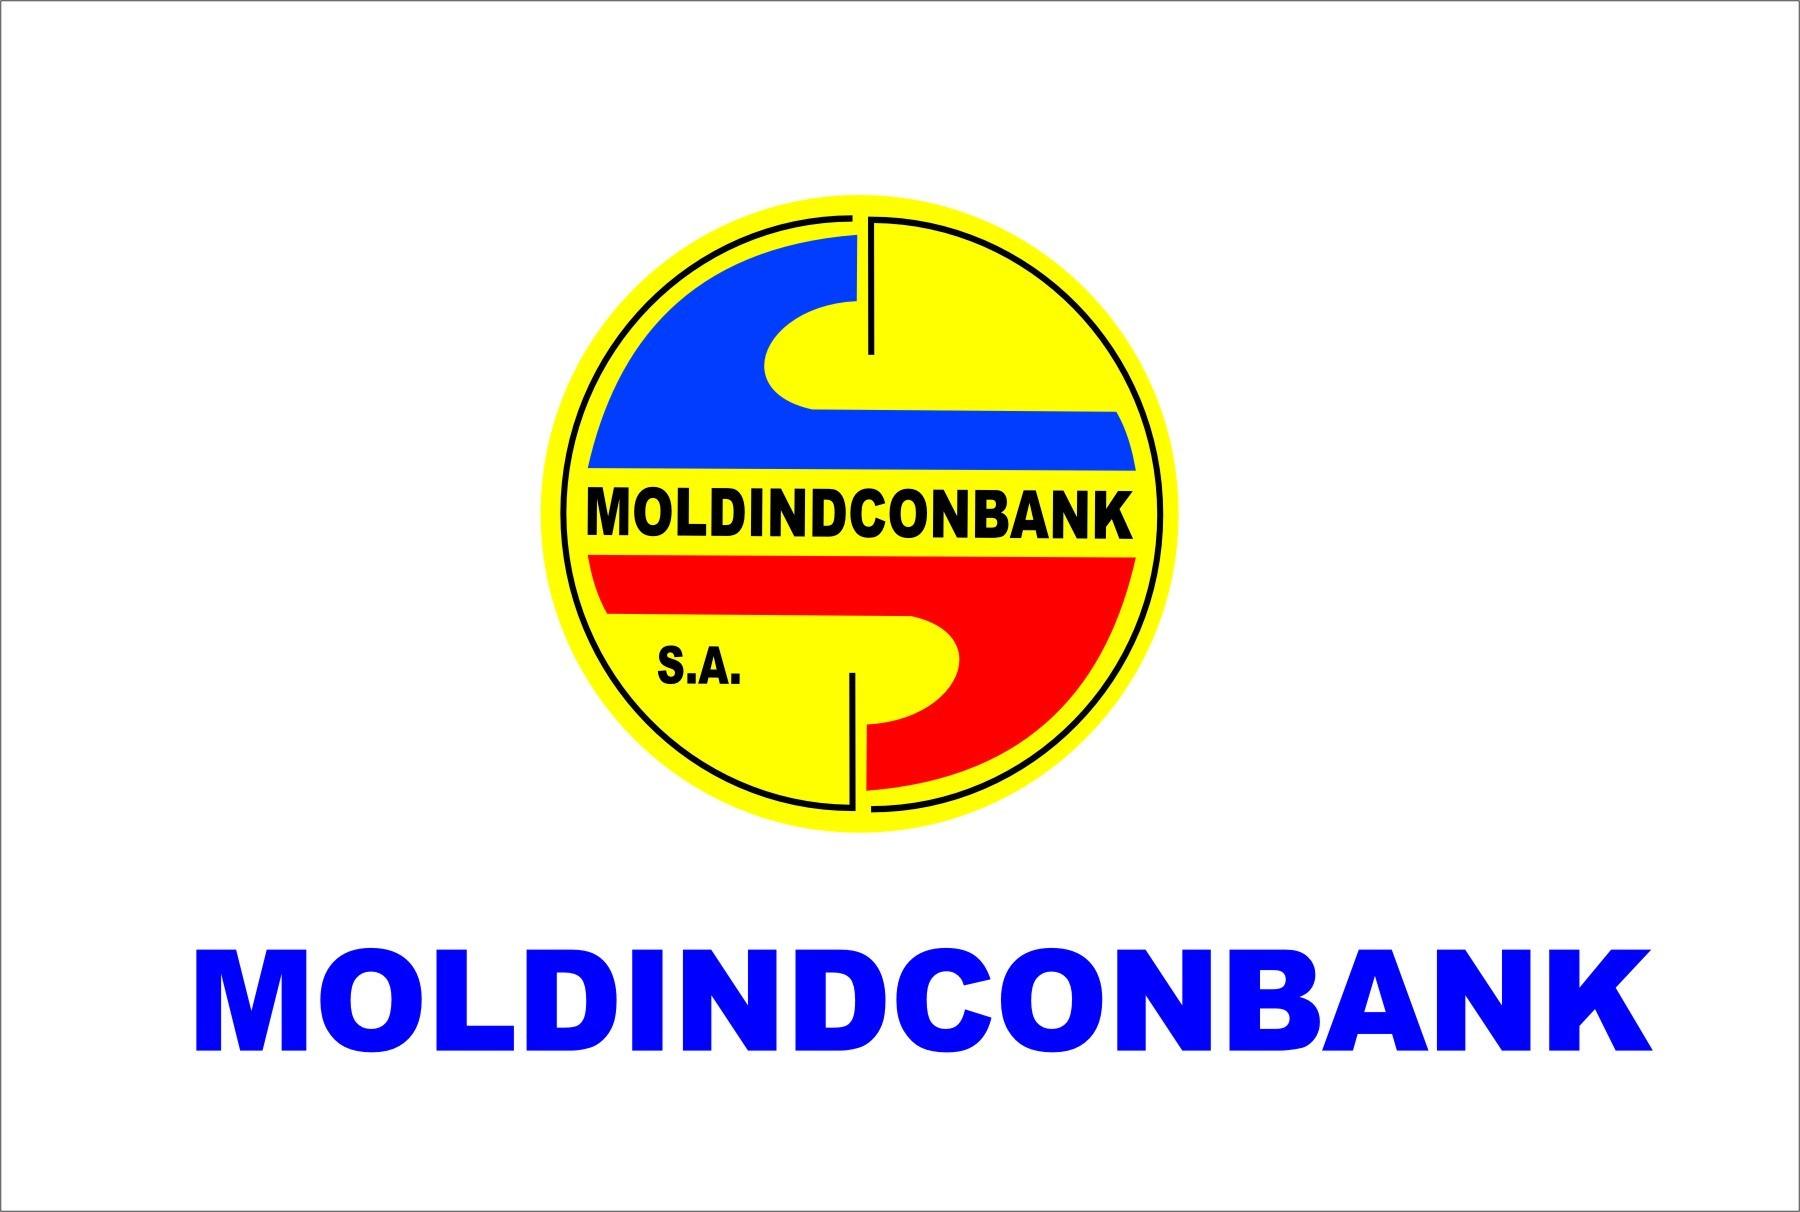 Statul va cumpăra acțiunile Moldindconbank la un preț total de peste 764 de milioane de lei. Se propune aprobarea Antecontractului și a contractului de vânzare-cumpărare